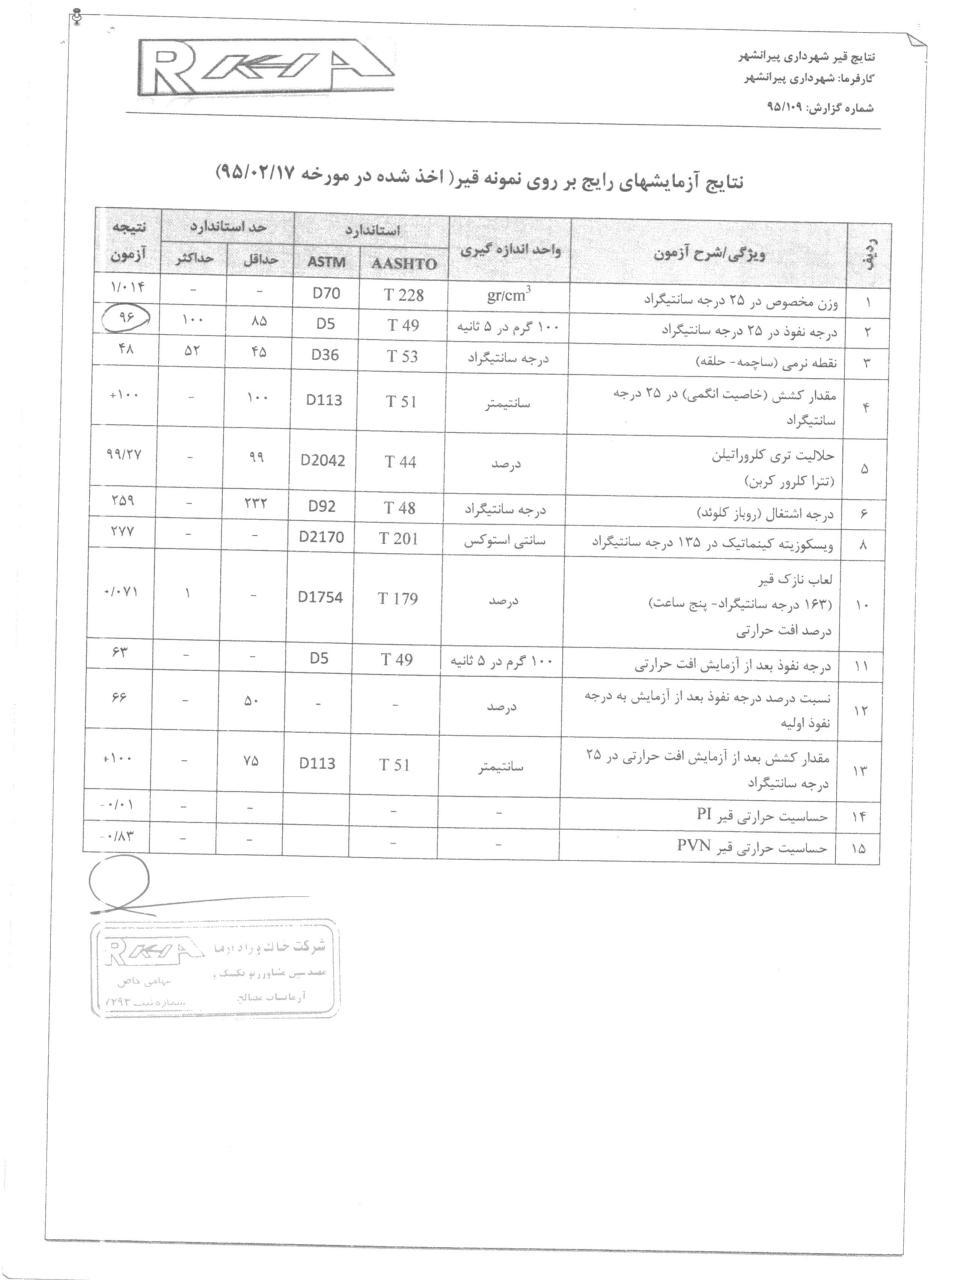 آزمایش قیر شهرداری پیرانشهر